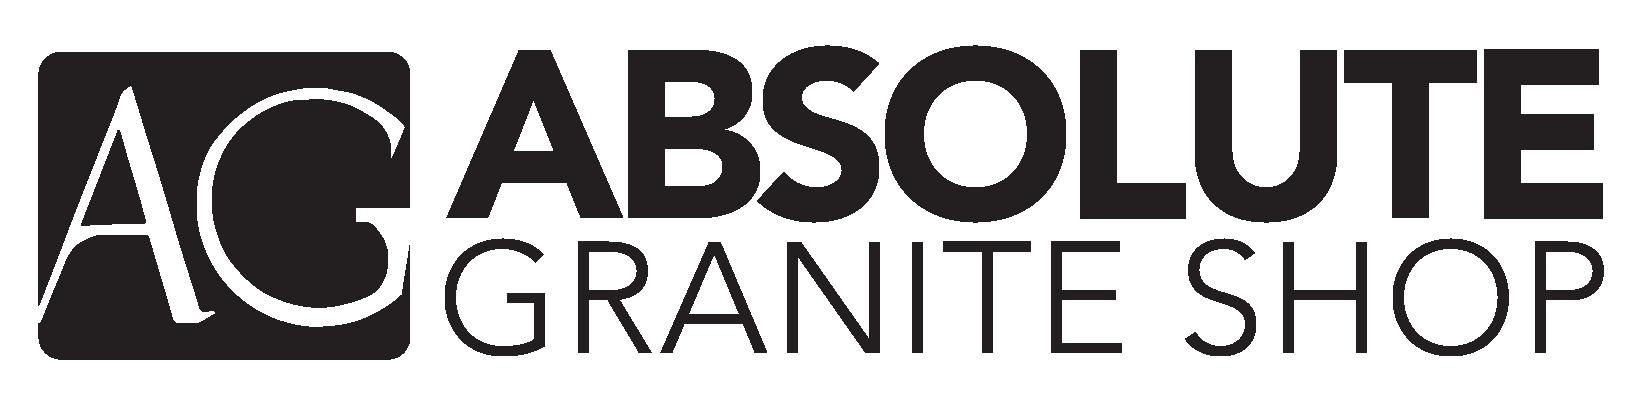 San Antonio Granite Shop Announces Move To New Location